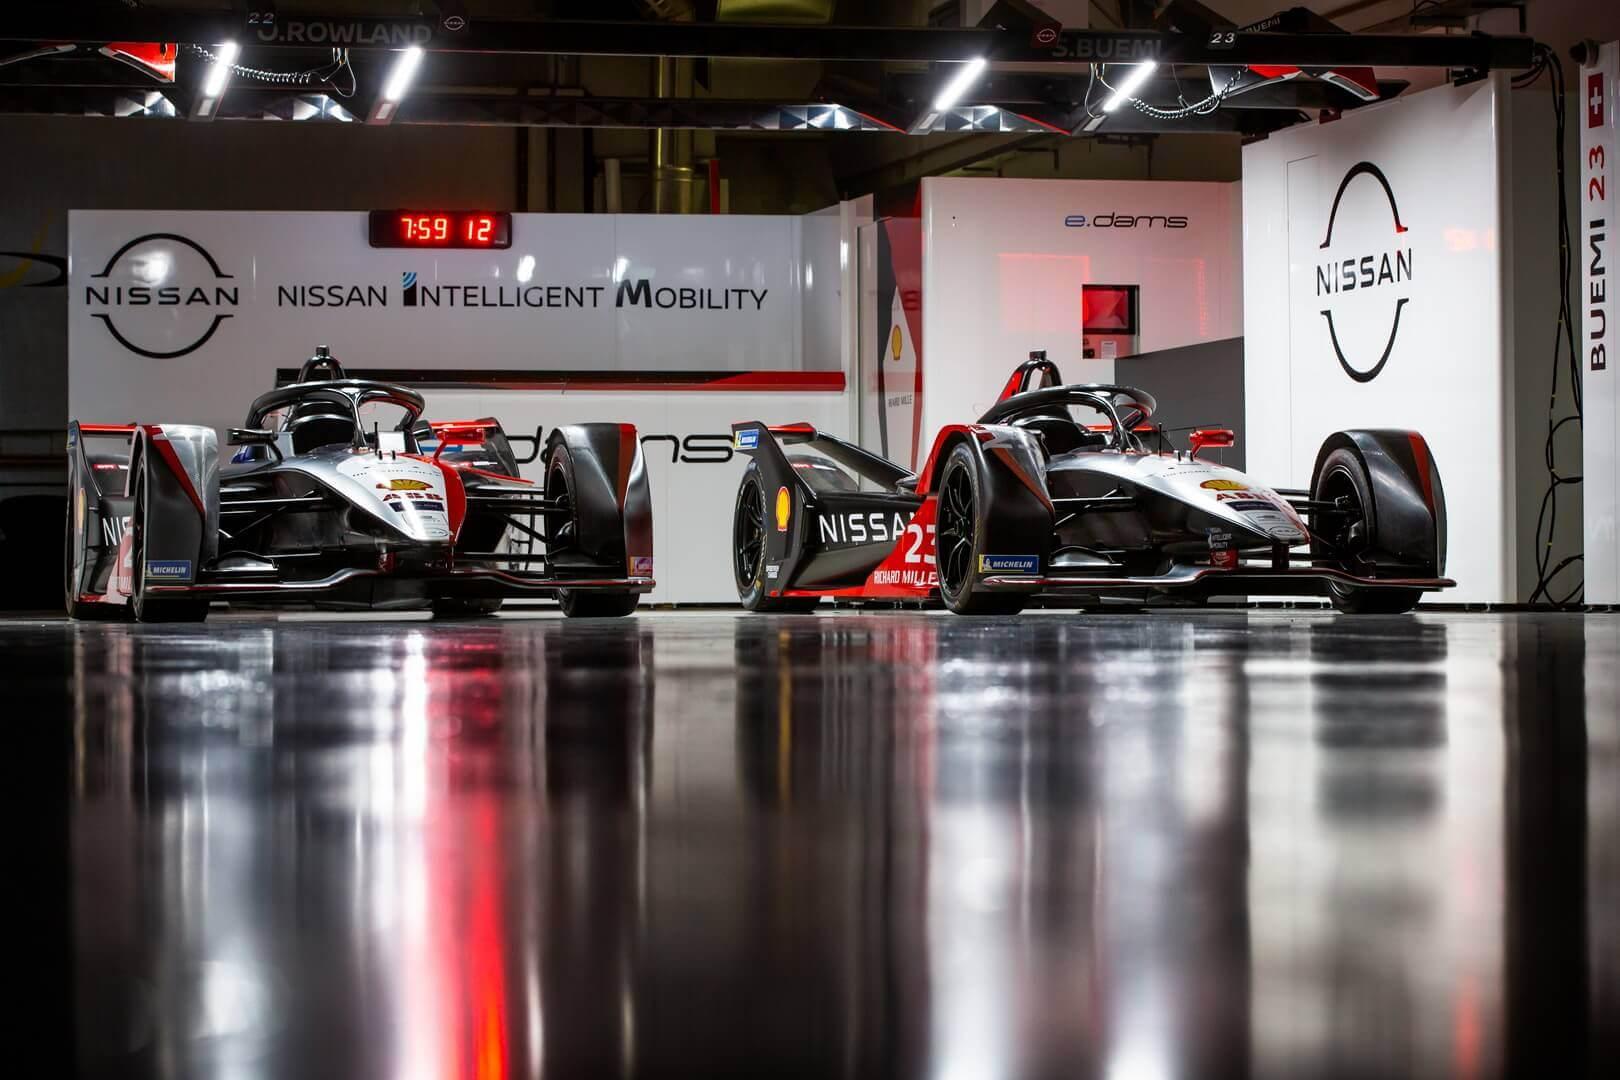 Nissan запускает программу развития функций мозга для повышения эффективности пилотов Формулы Е